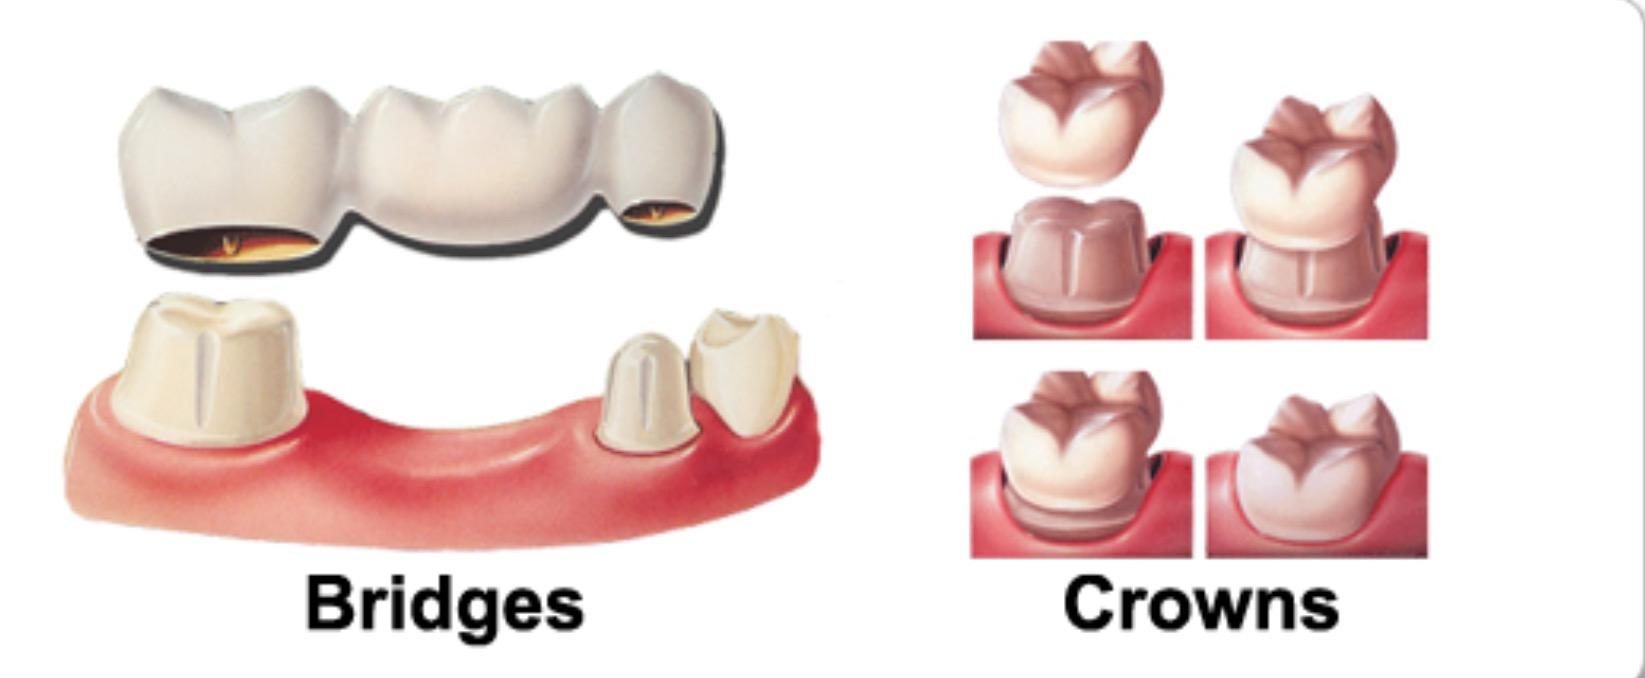 Bridges & crowns graphic